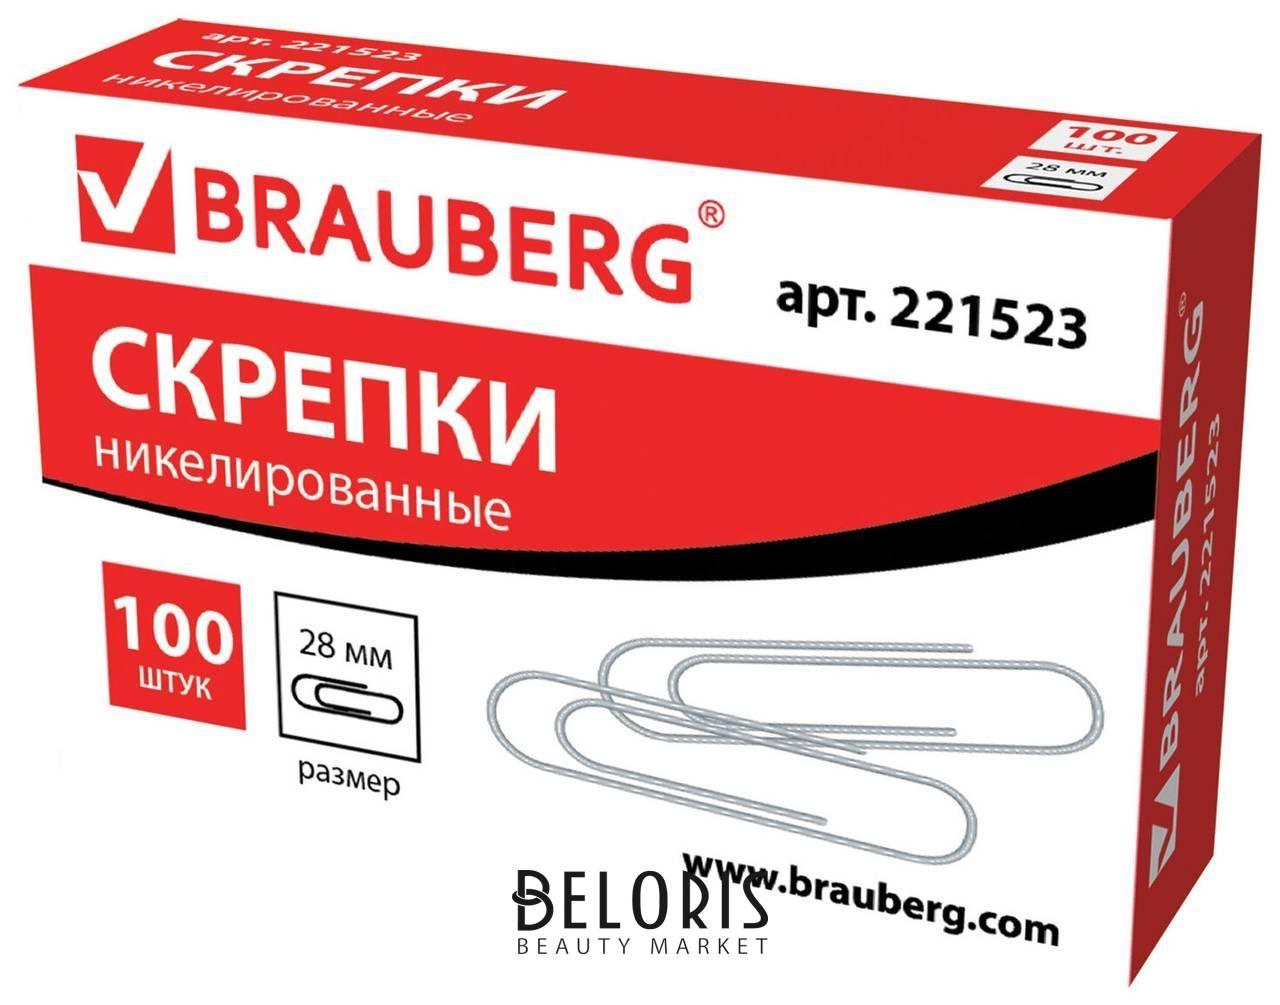 Скрепки Brauberg, 28 мм, никелированные, 100 шт., в картонной коробке Brauberg